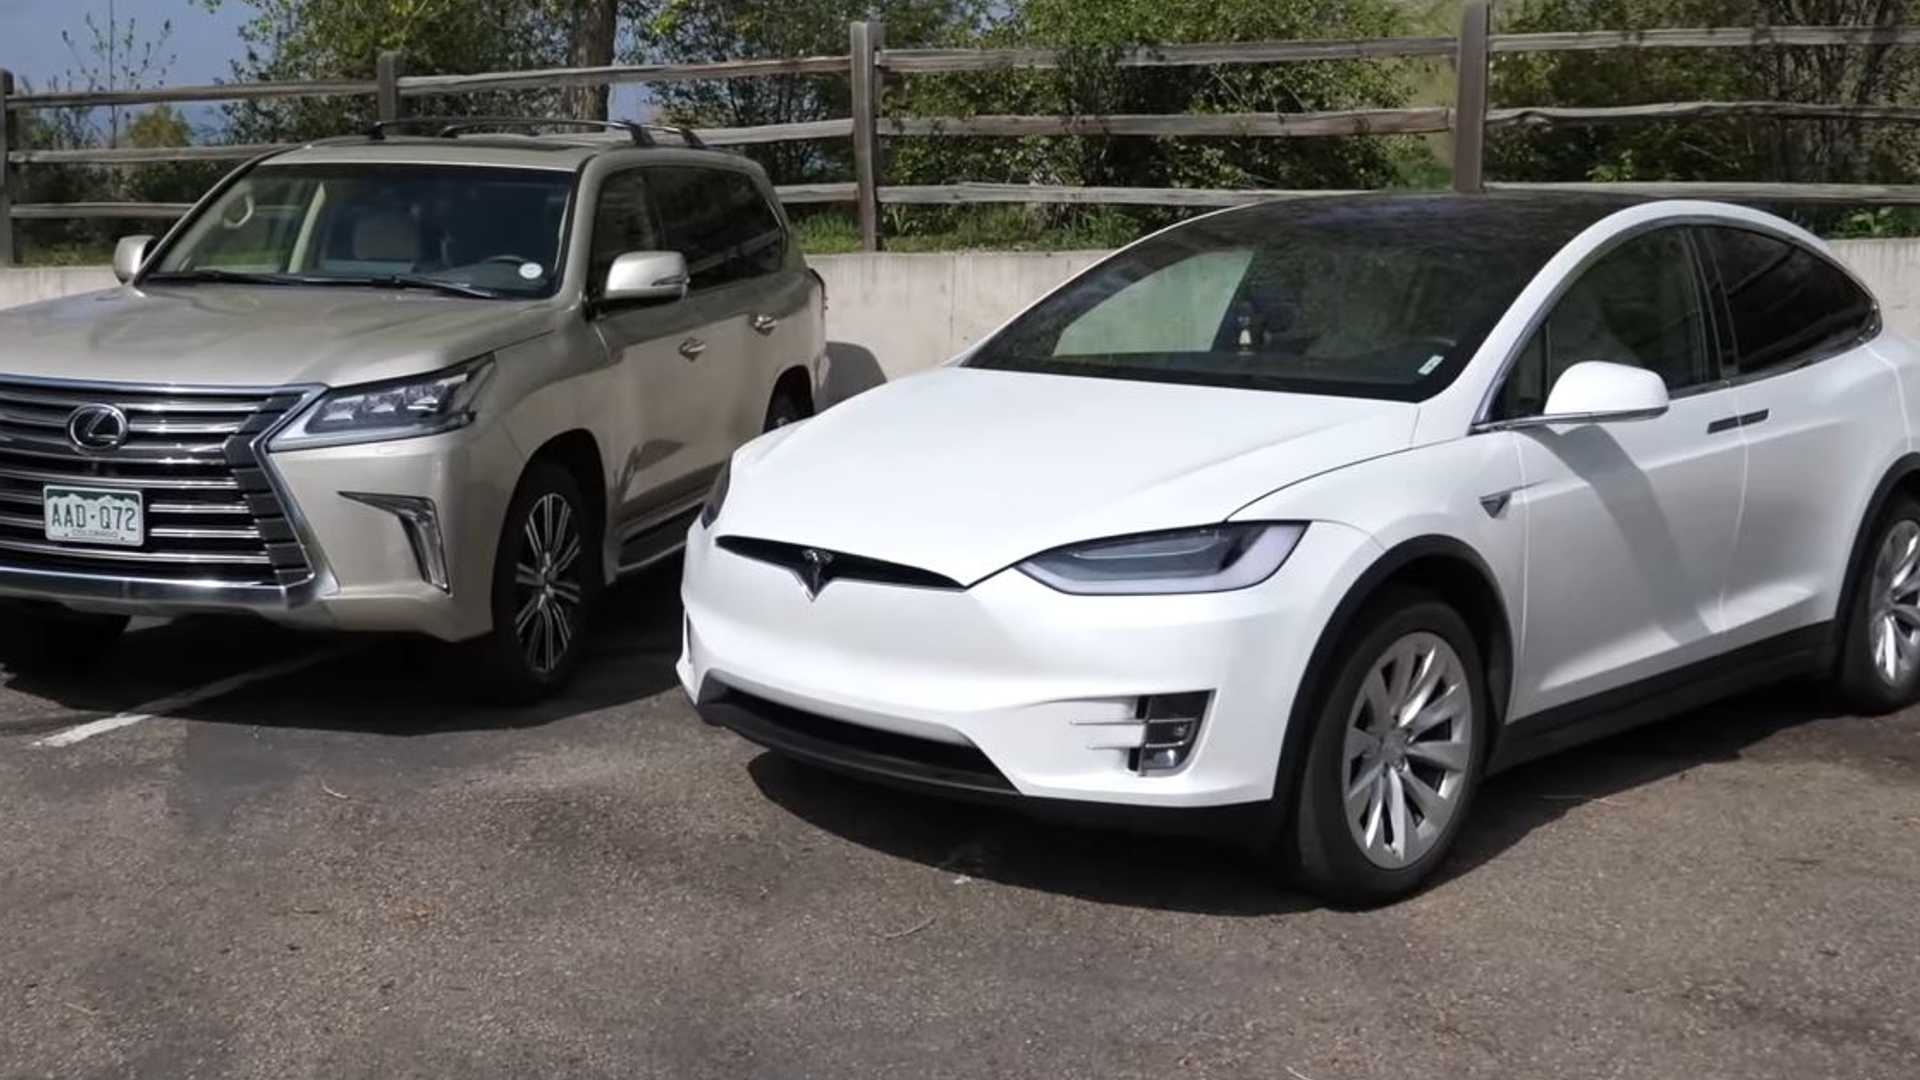 Электрический или газовый внедорожник для буксировки? Модель Тесла X против Lexus LX